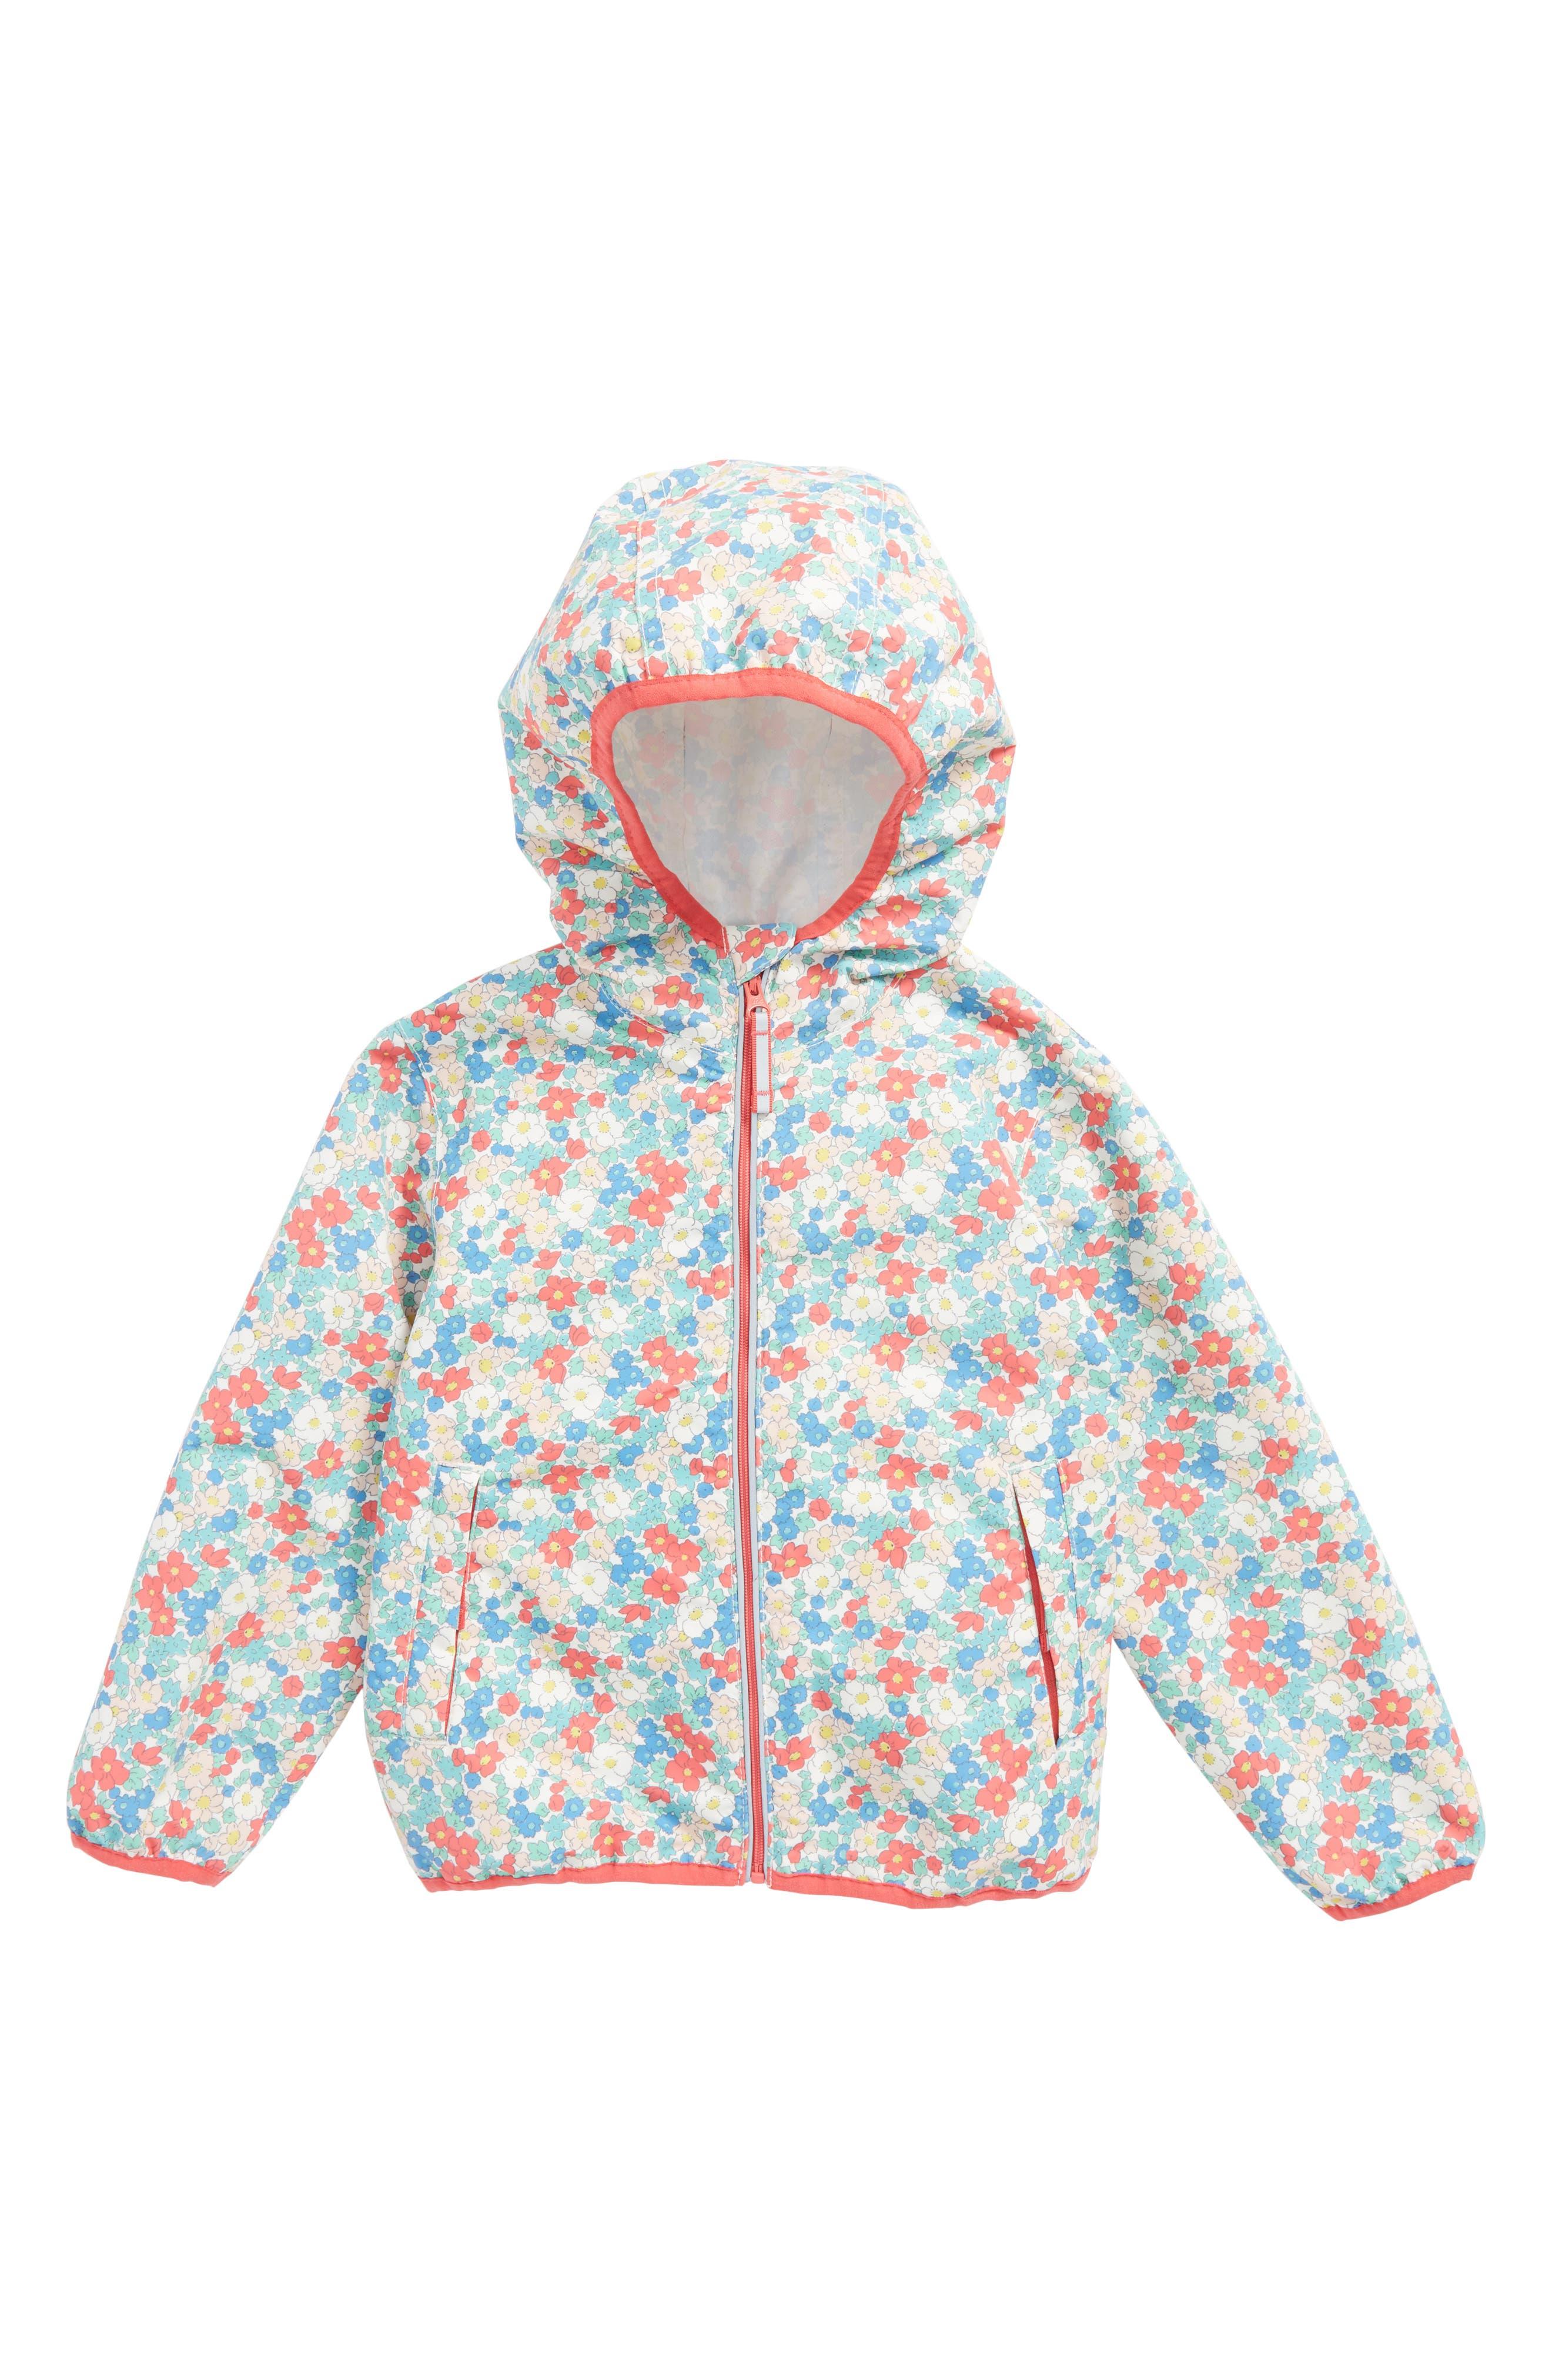 Packaway Waterproof Jacket,                         Main,                         color, 656